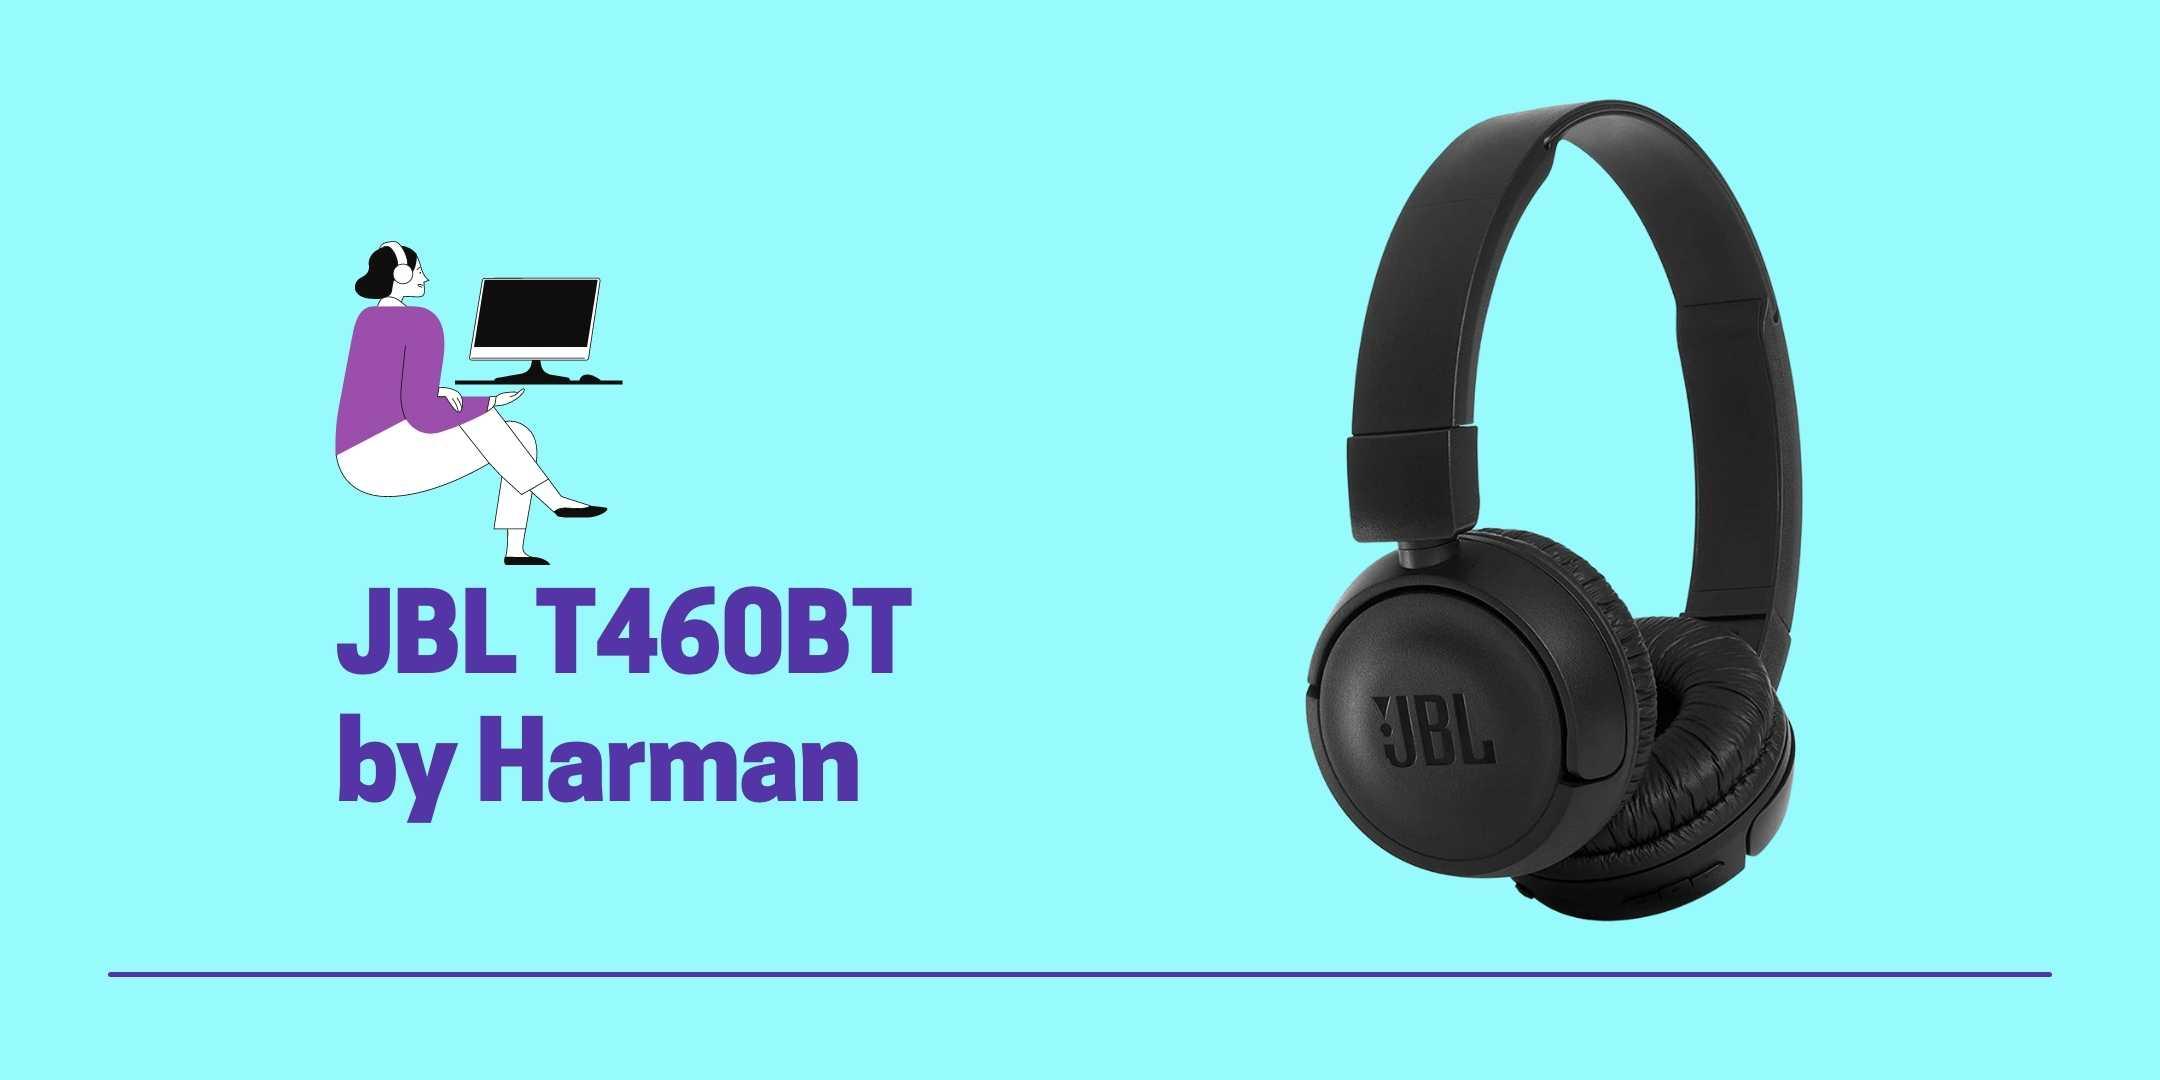 JBL T460BT by Harman